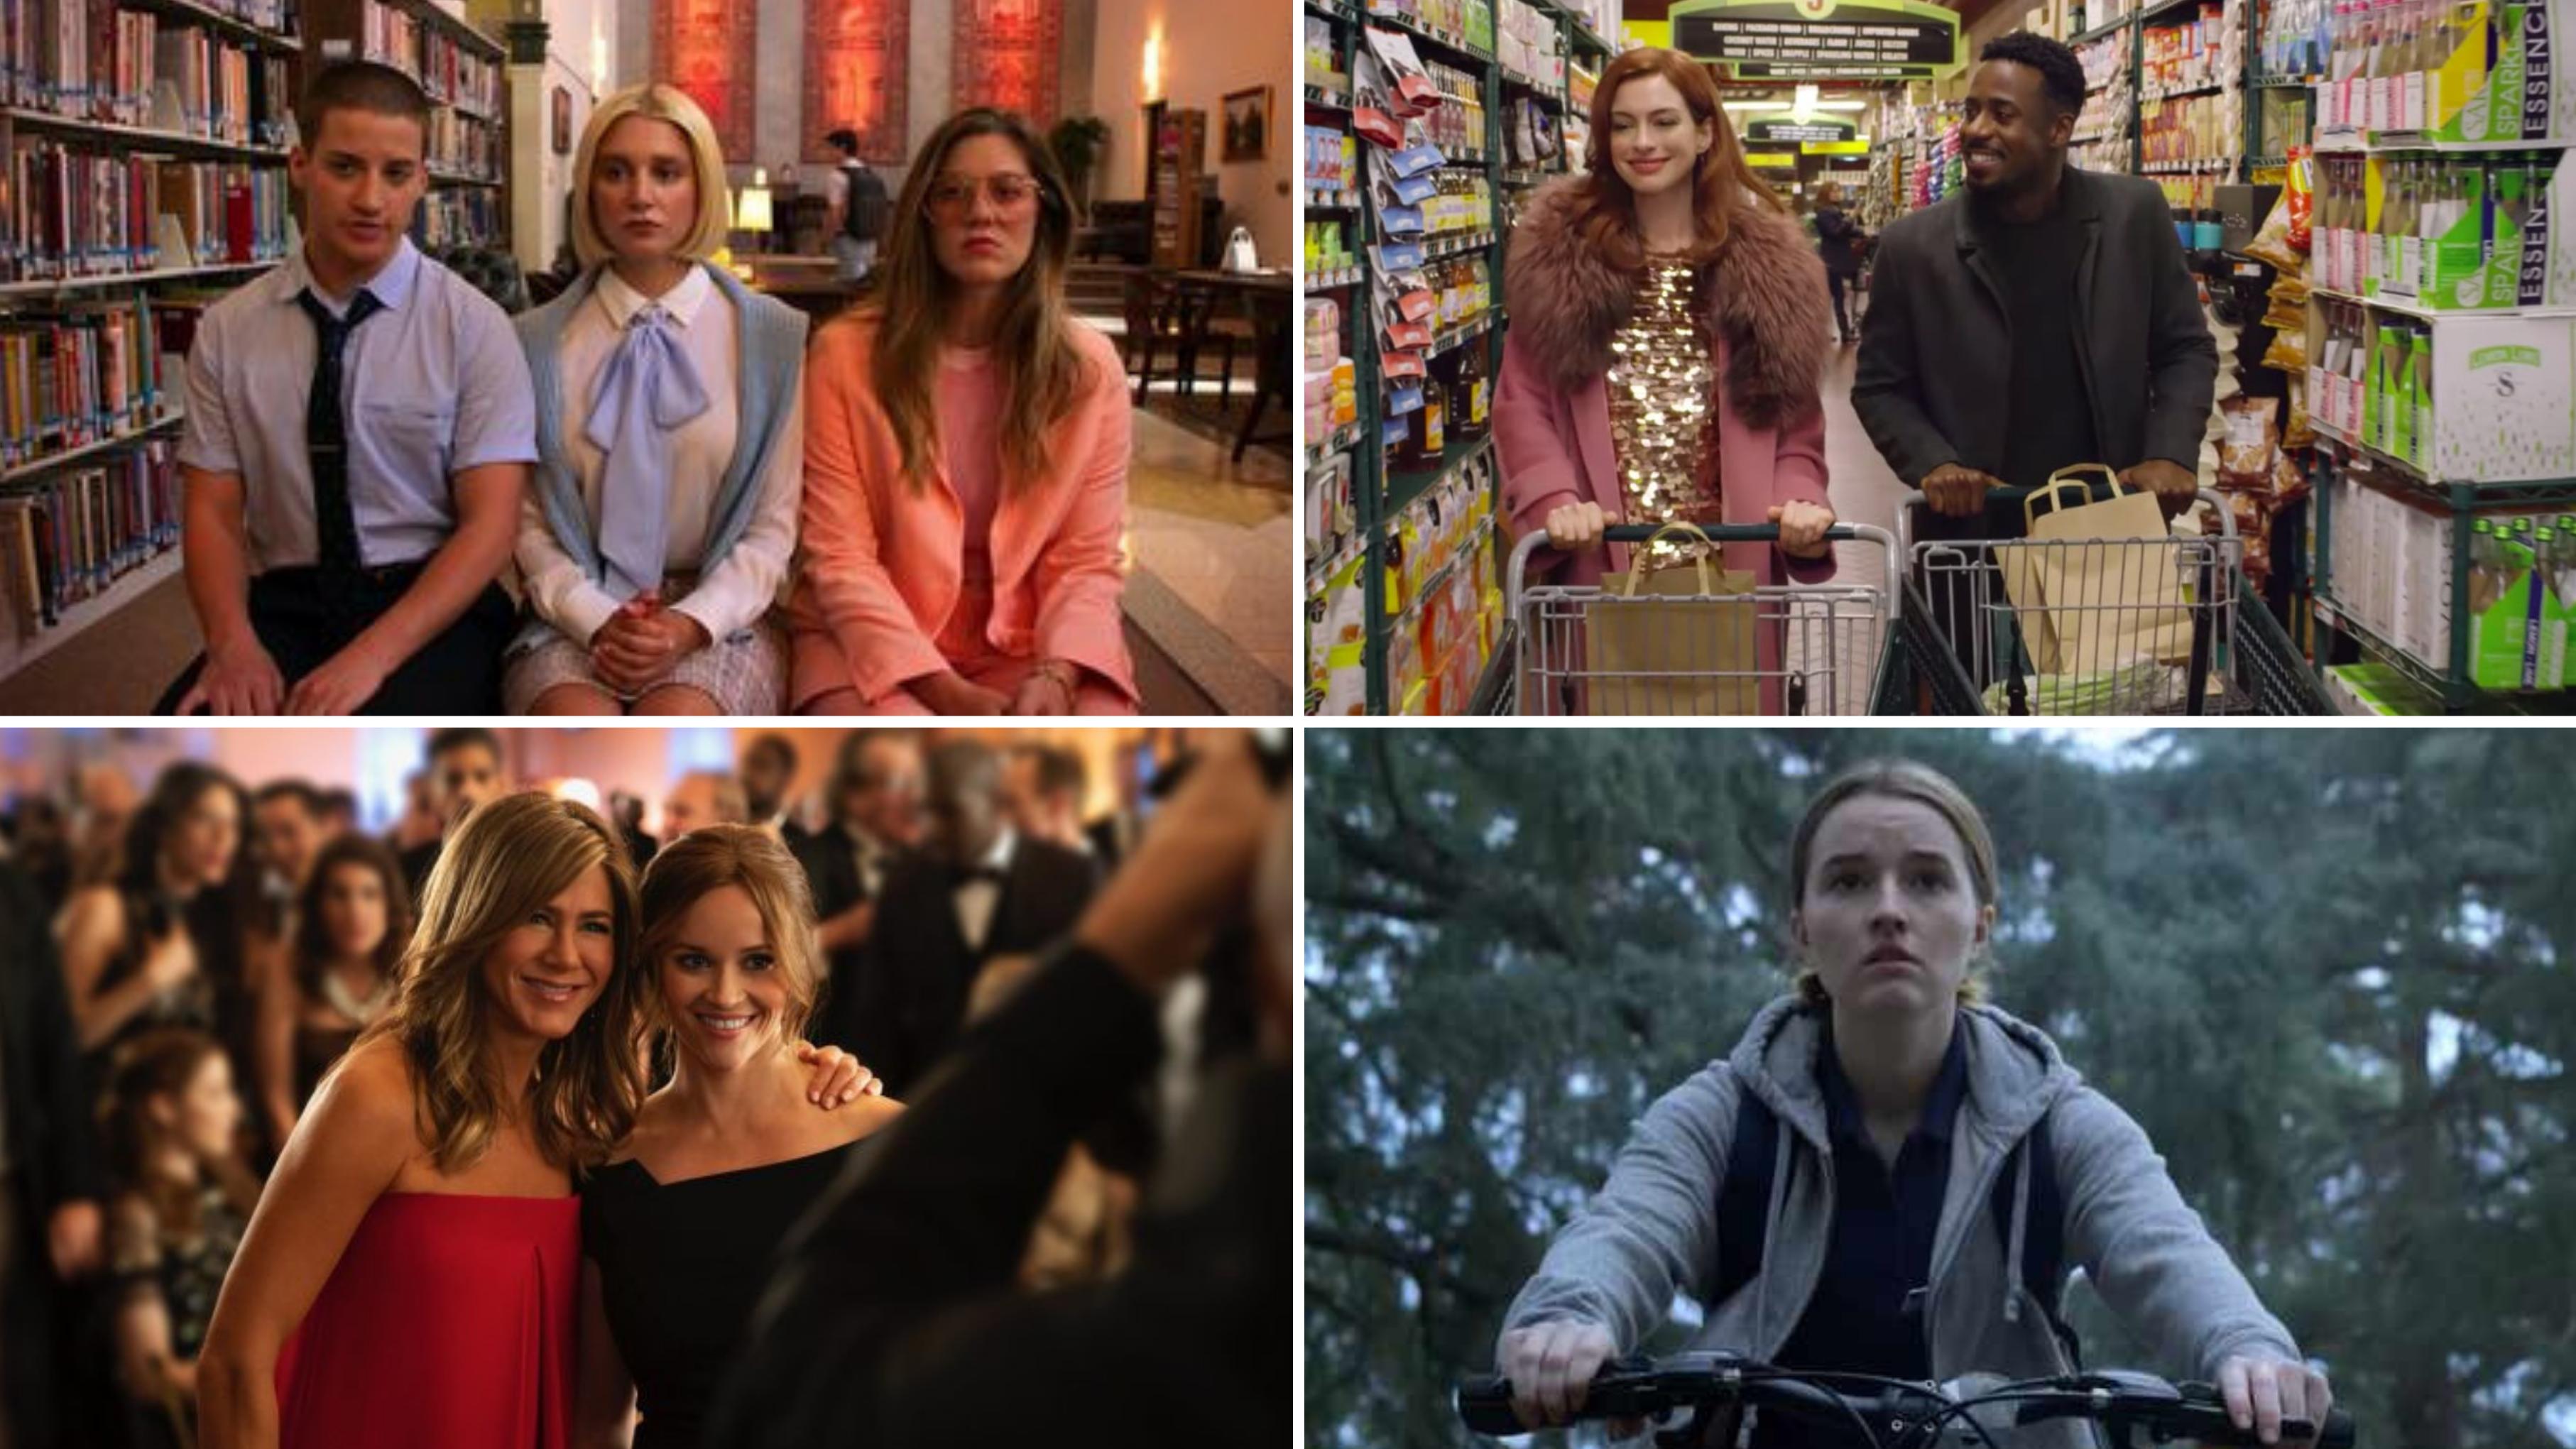 Kuusi mielenkiintoista uutuussarjaa syksyyn 2019 (ja vanhat suosikit)